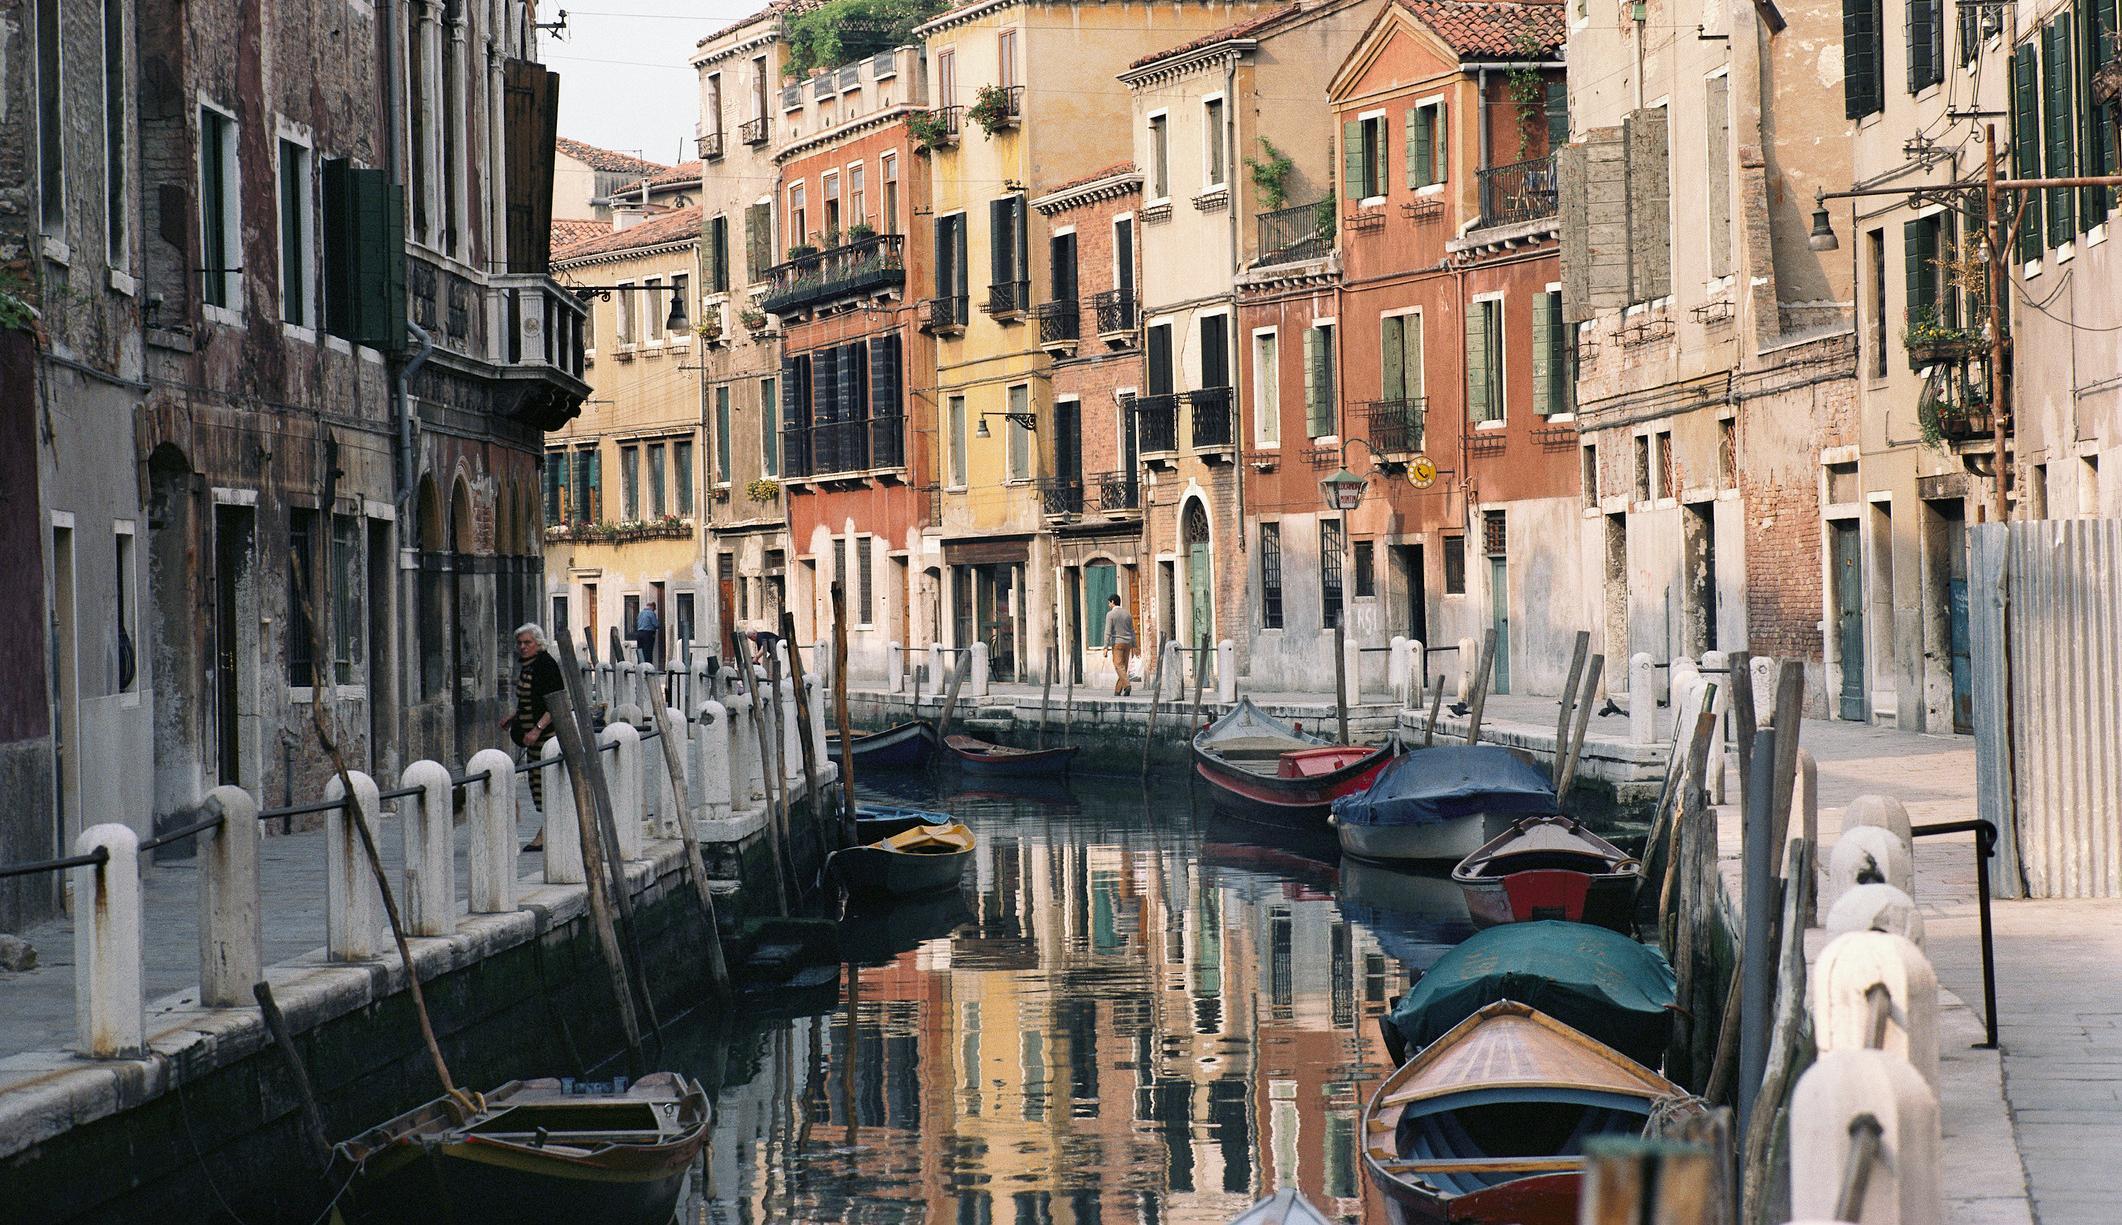 Ảnh vẻ đẹp của một Venice không bóng ngừo